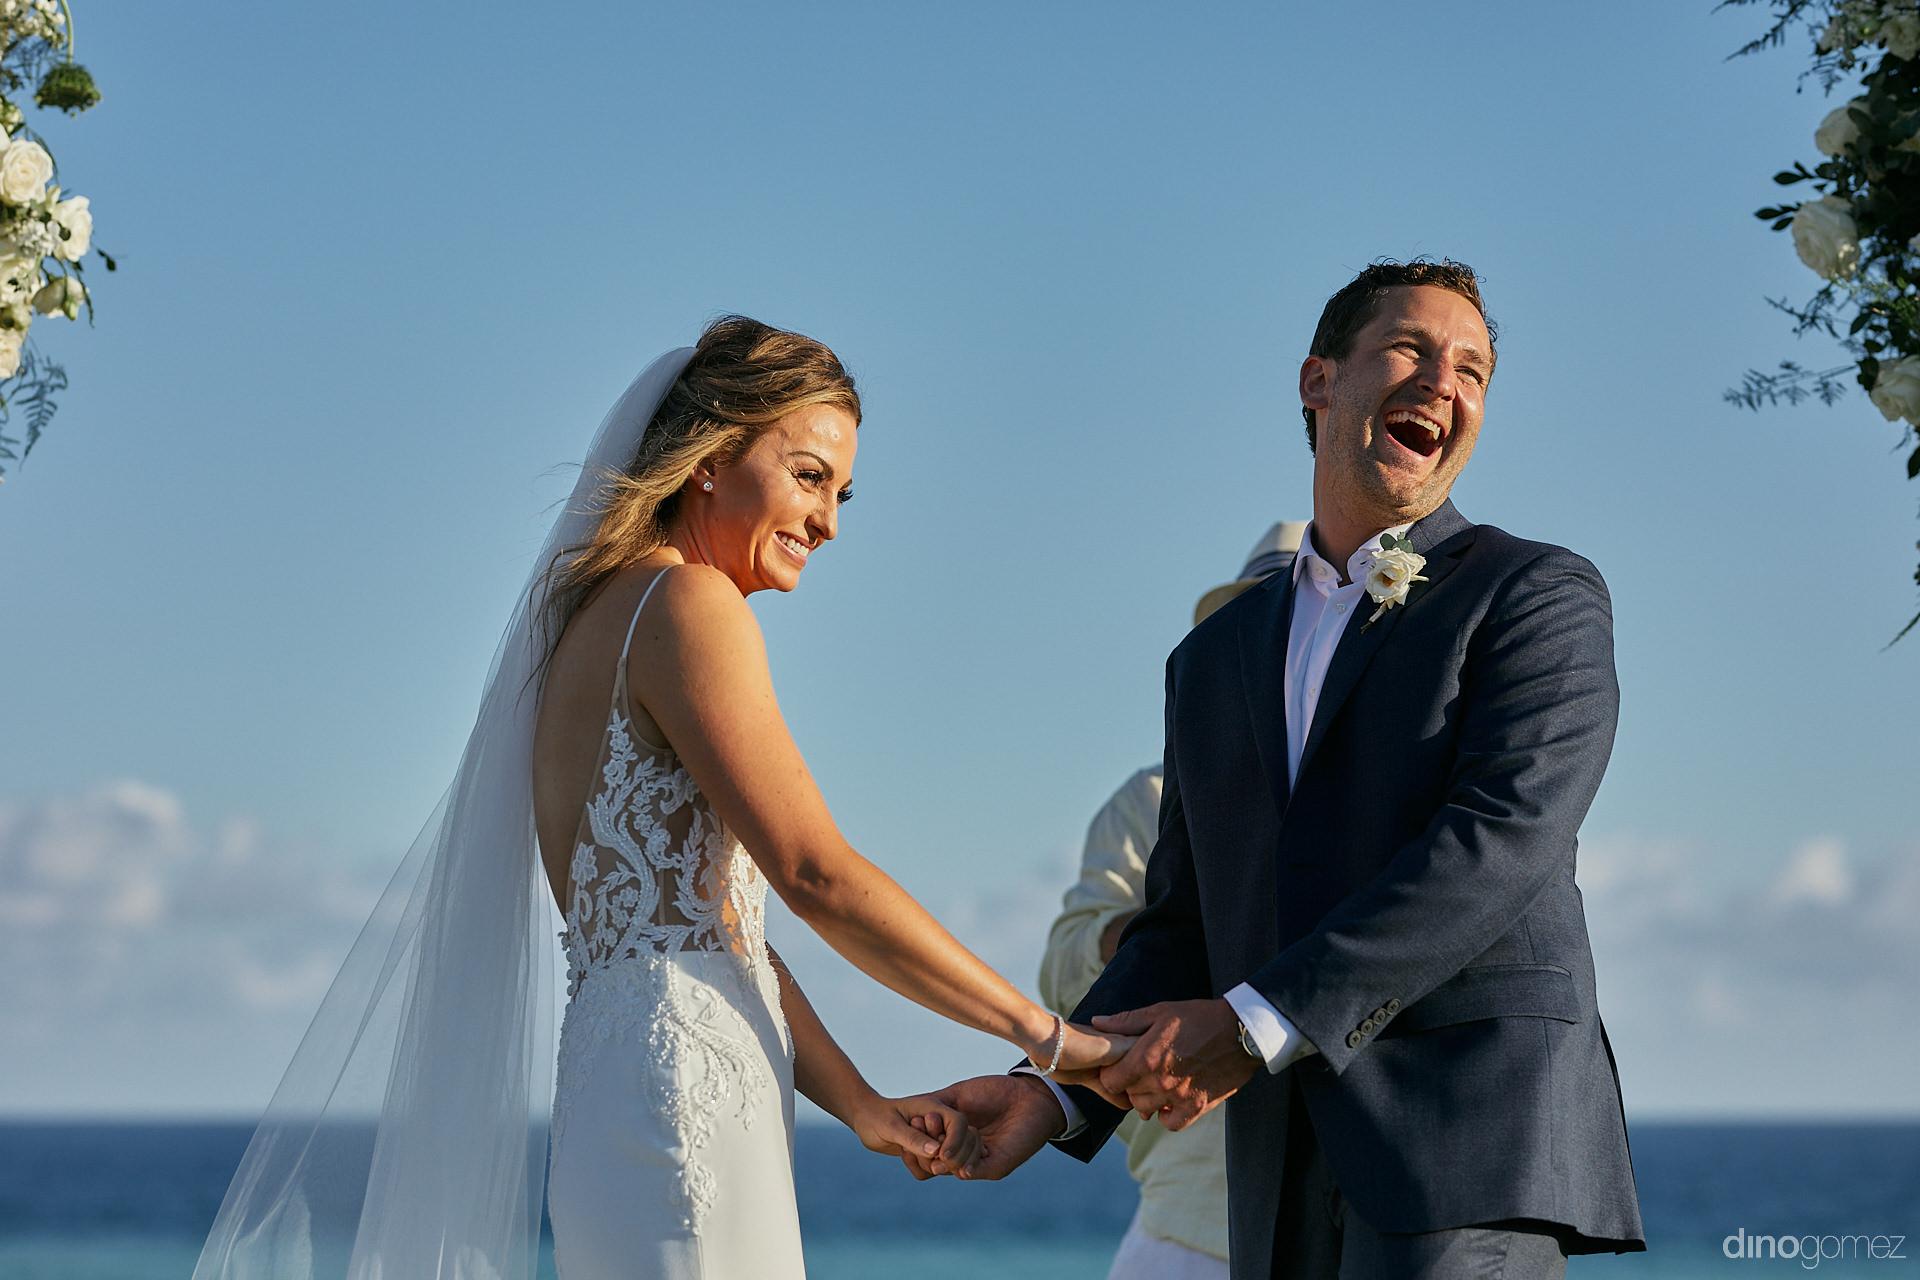 Los Cabos Destination Wedding - Luxury Wedding Photographer In Cabo Dino Gomez - C&T